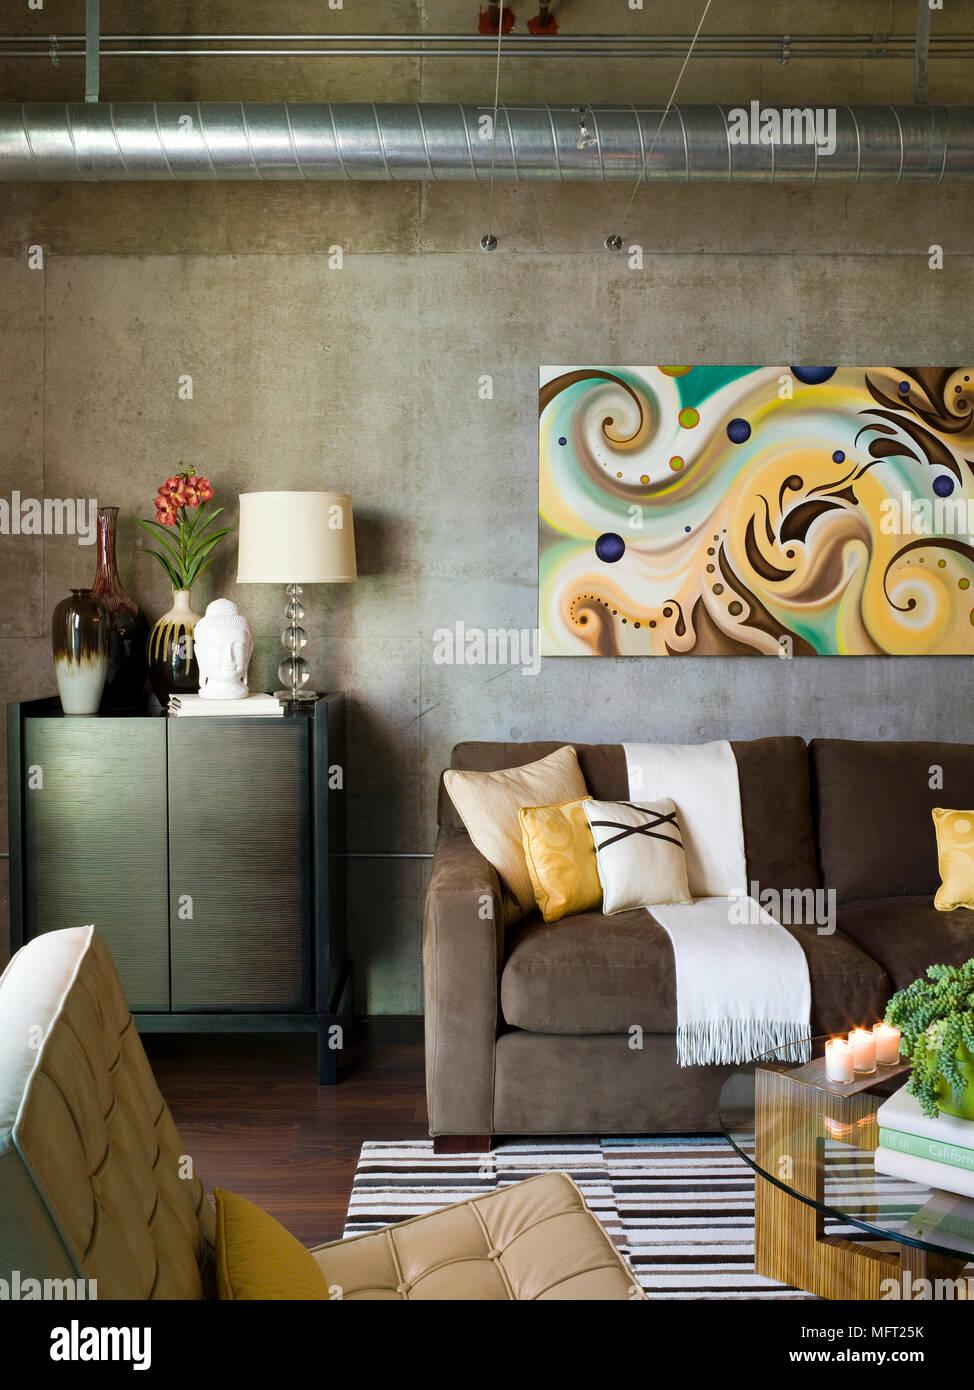 Lampe Und Anderen Elementen Auf Schrank Neben Braun Sofa In Moderne